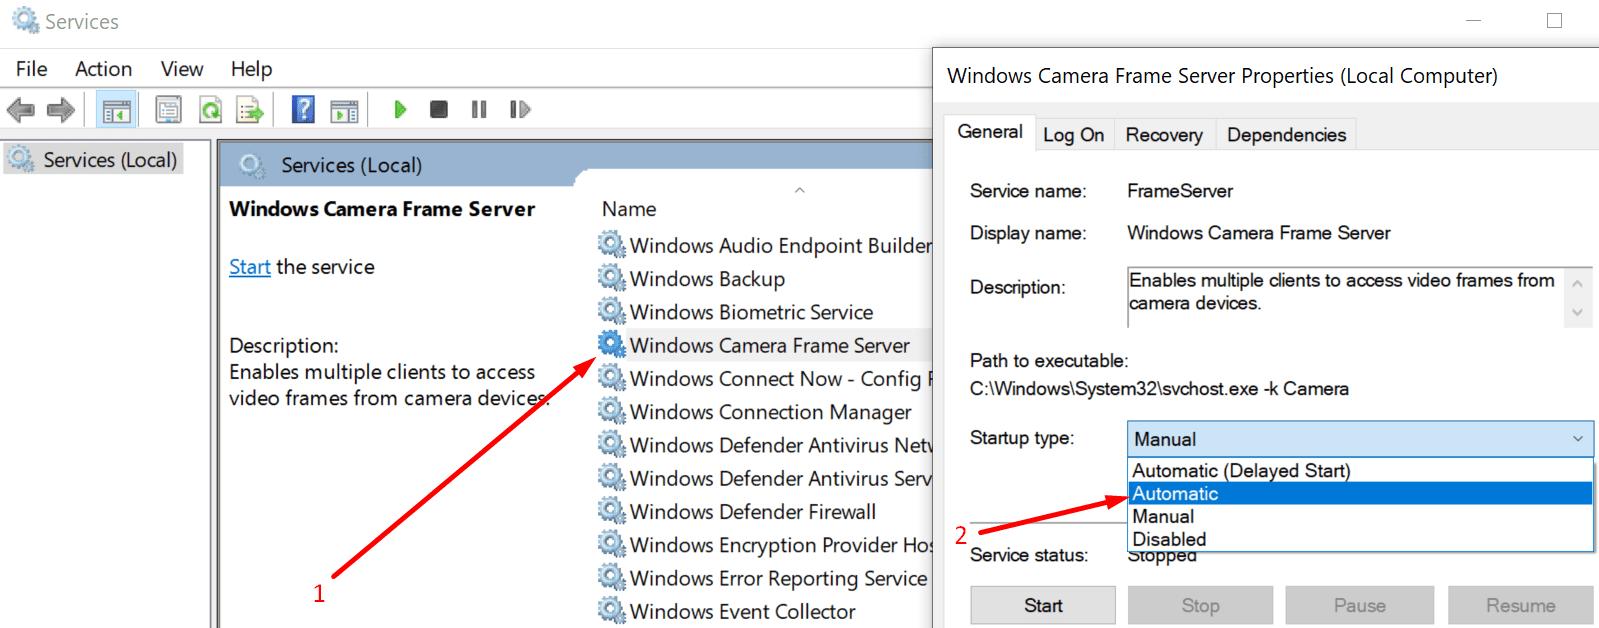 windows camera frame server service